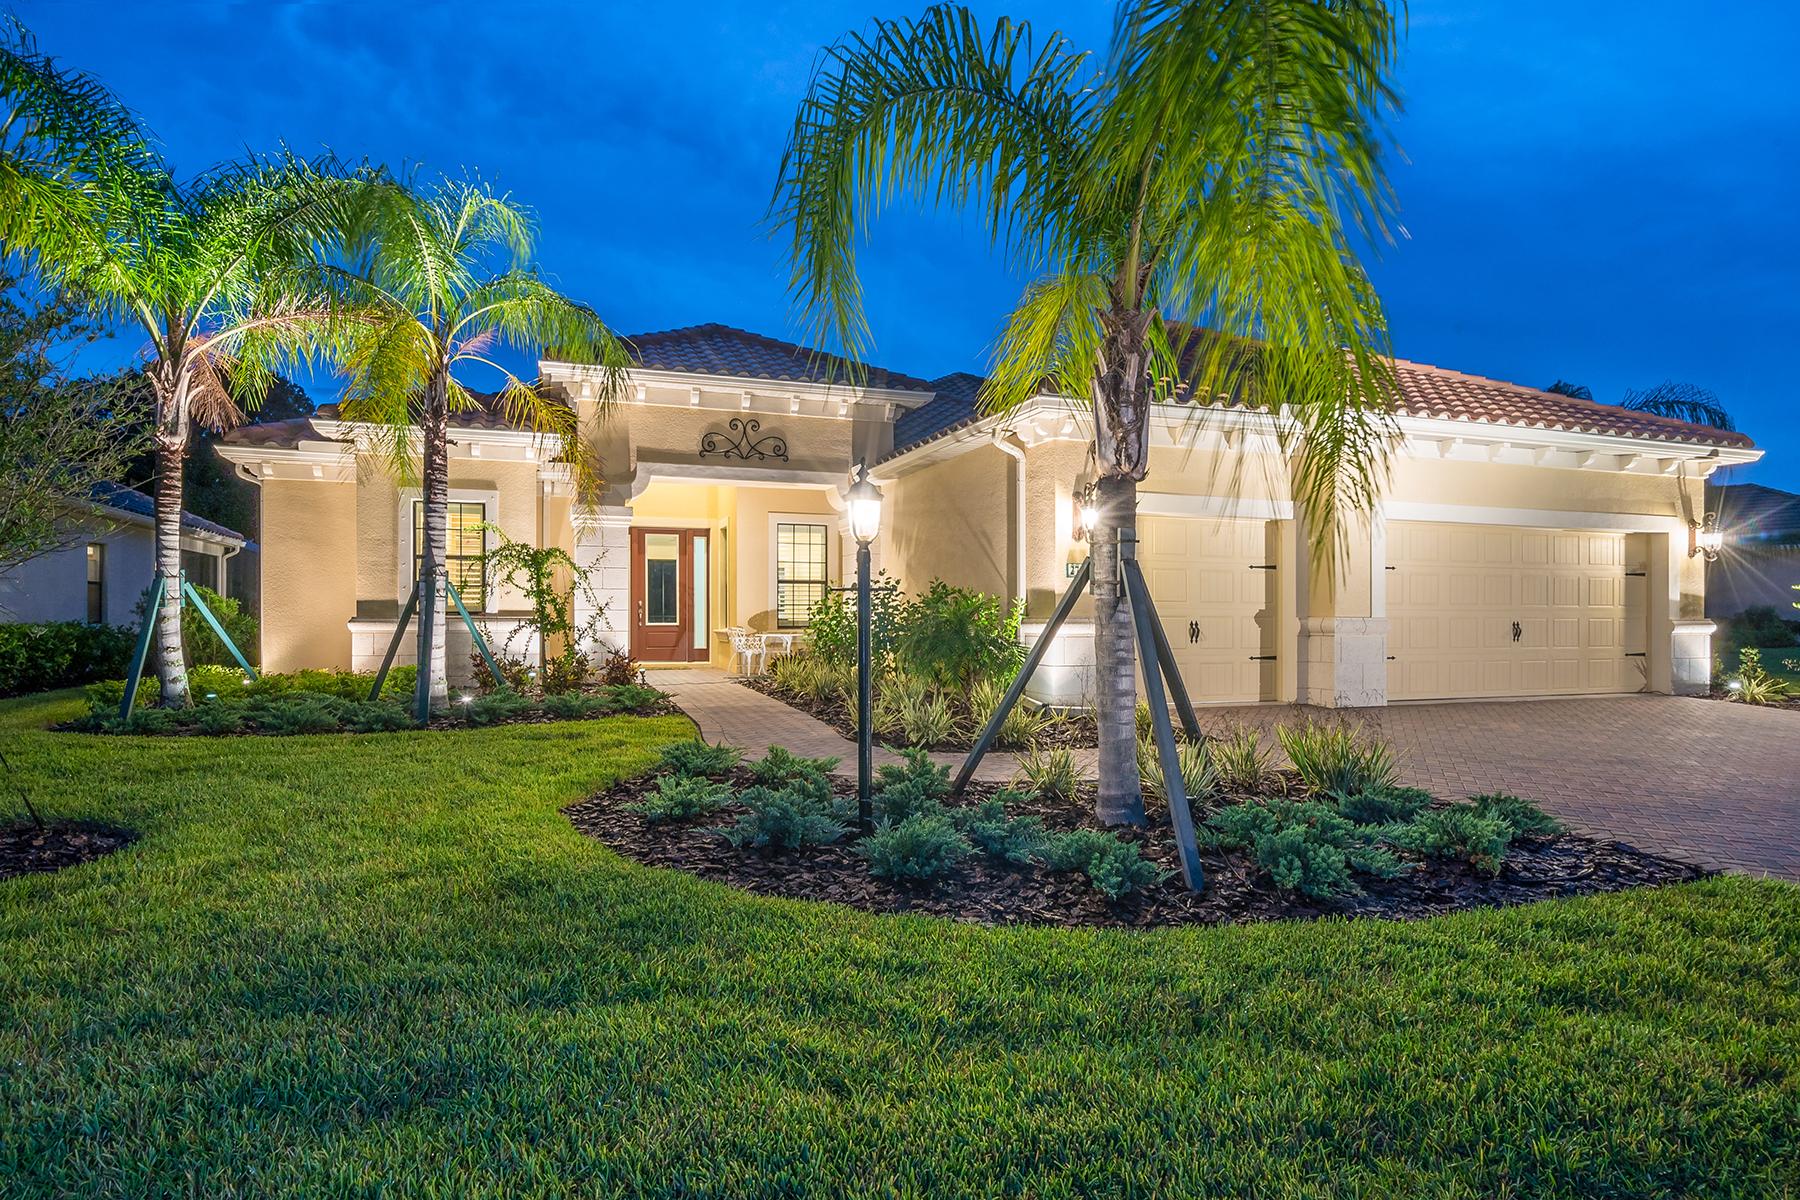 Casa Unifamiliar por un Venta en BOCA ROYALE 27441 Hole In One Pl Englewood, Florida, 34223 Estados Unidos